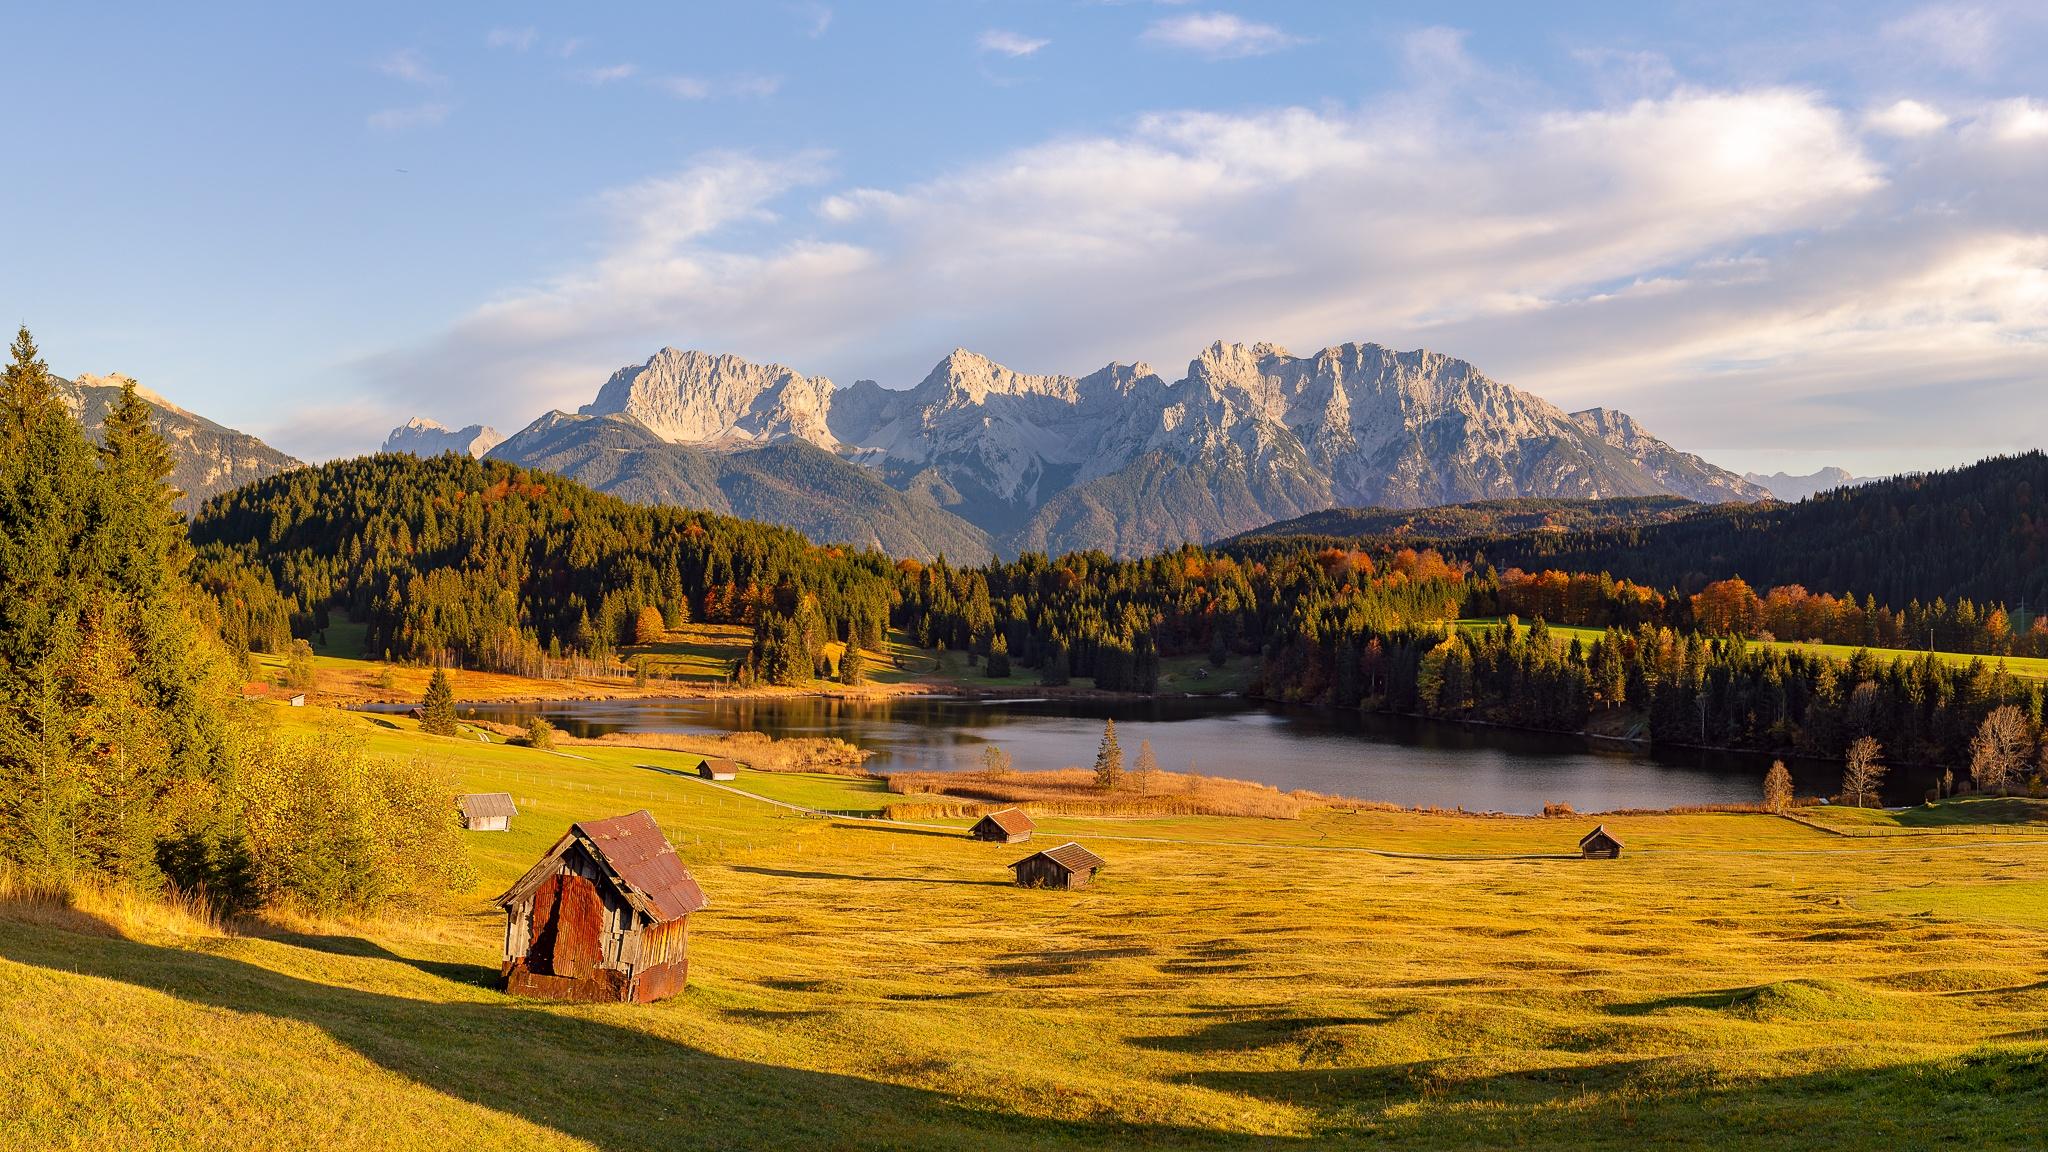 Geroldsee im Herbst Karwendel Berge Bayern Gerold Wagenbrüchsee